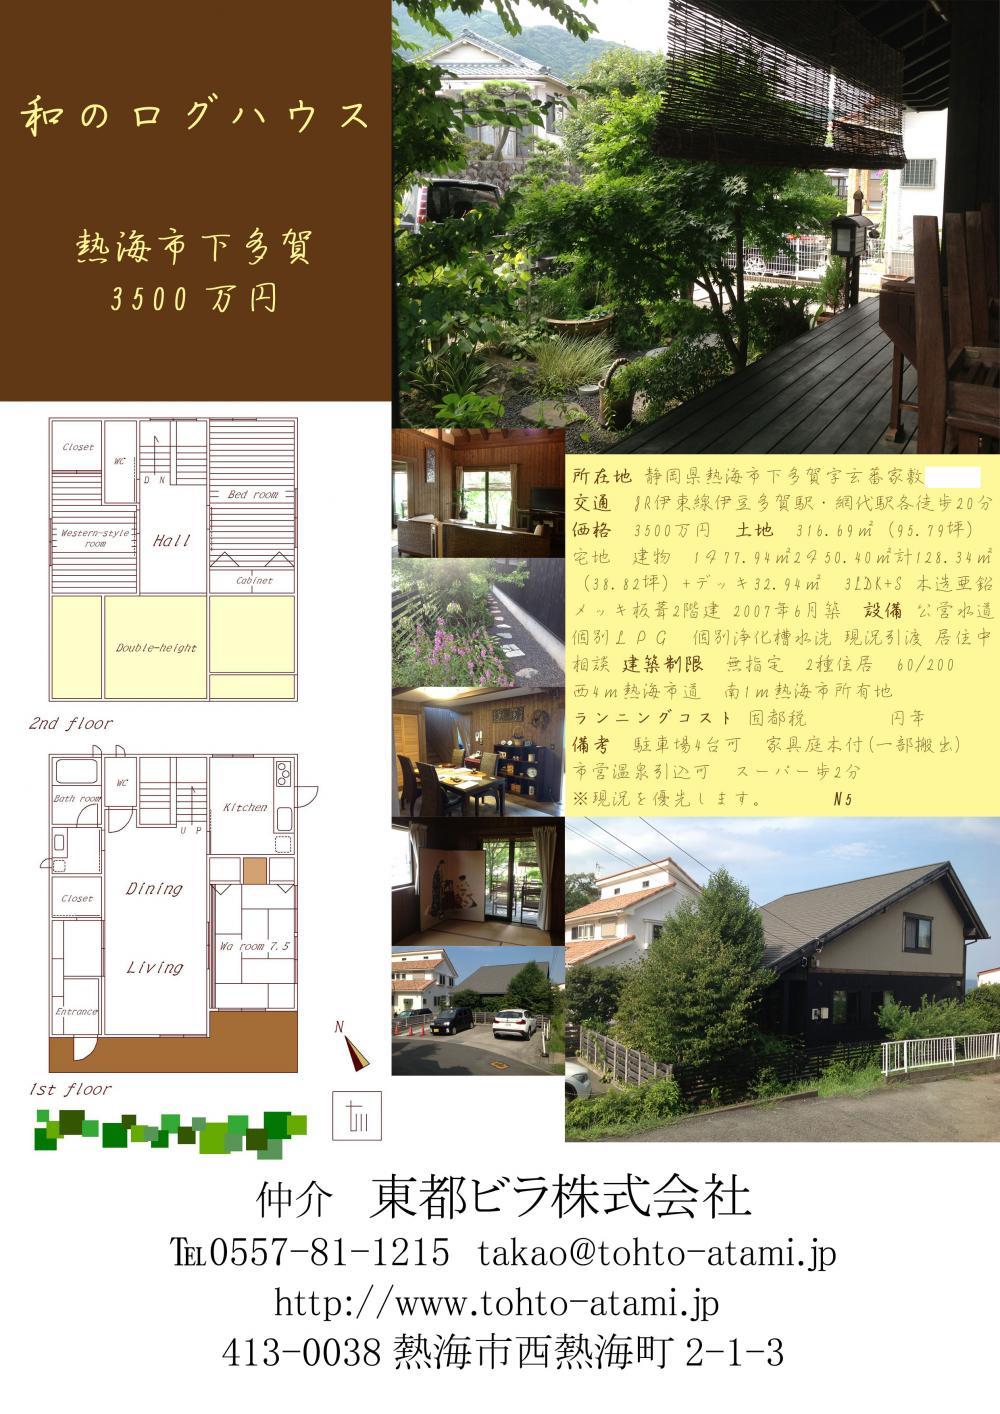 shimotaga3500.jpg